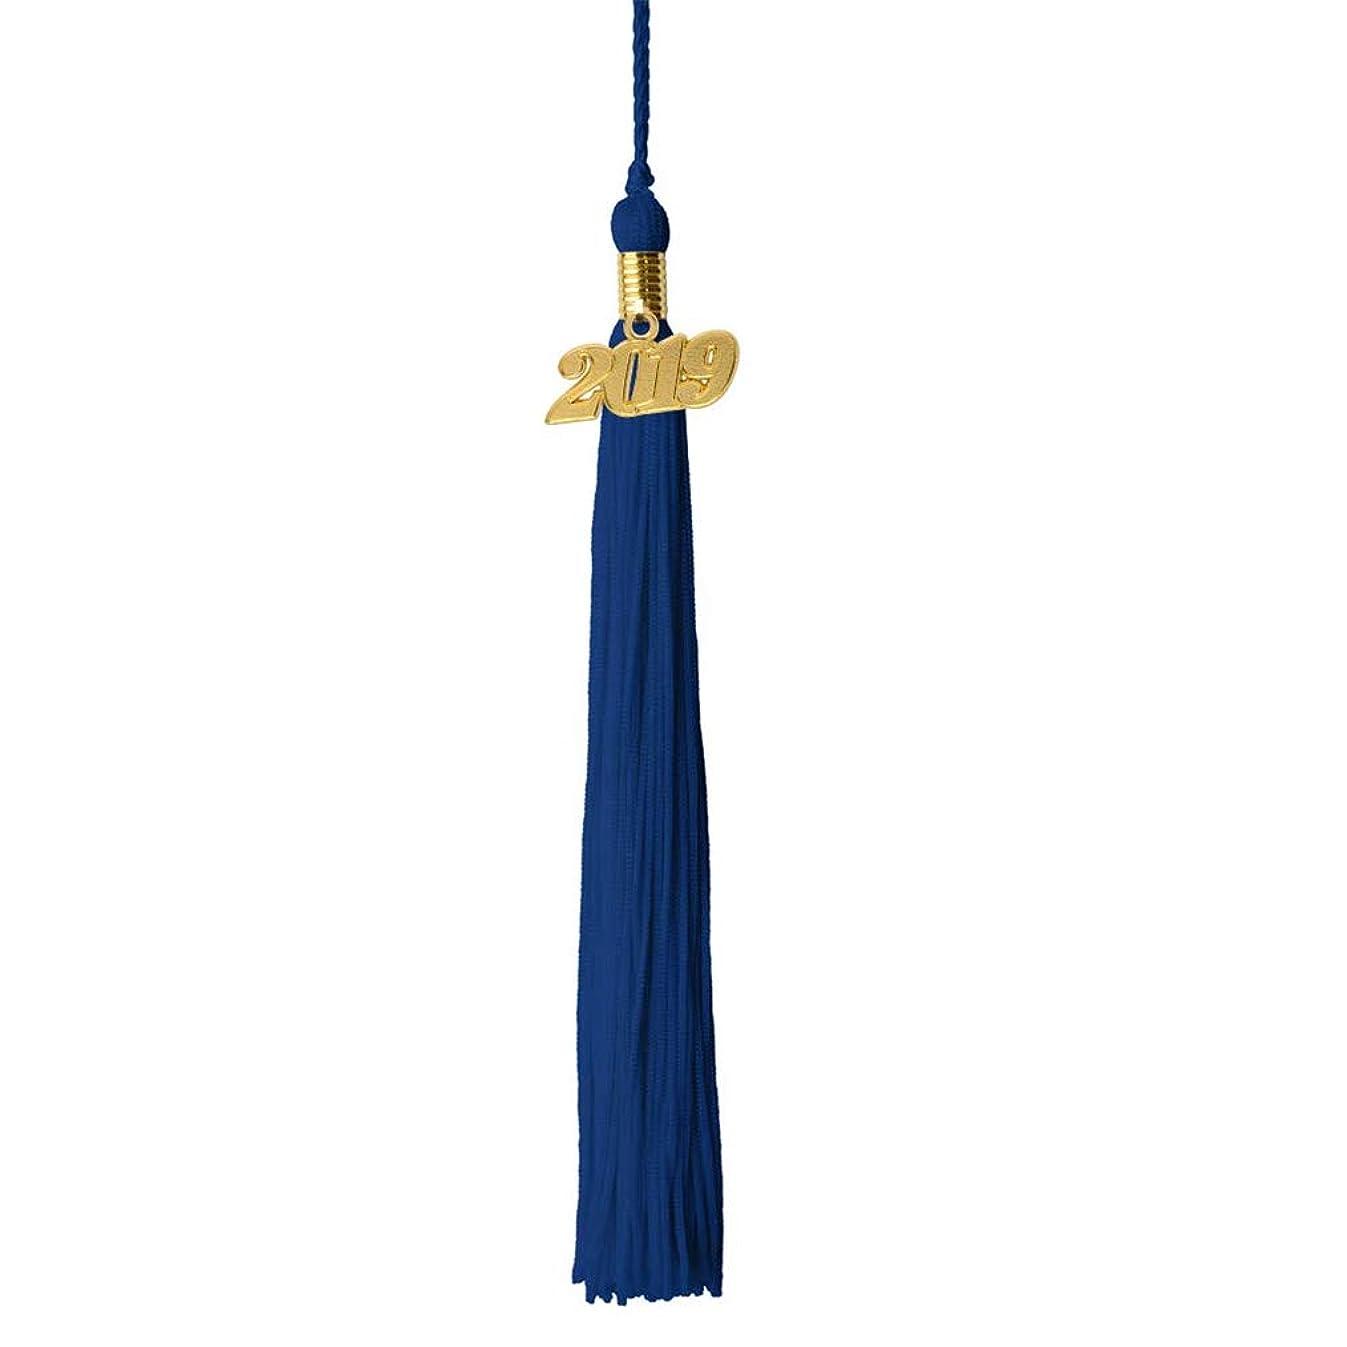 GraduationRoyal 9 inch Graduation Tassel with Gold 2019/2018 Year Charm (2019, Royal Blue)